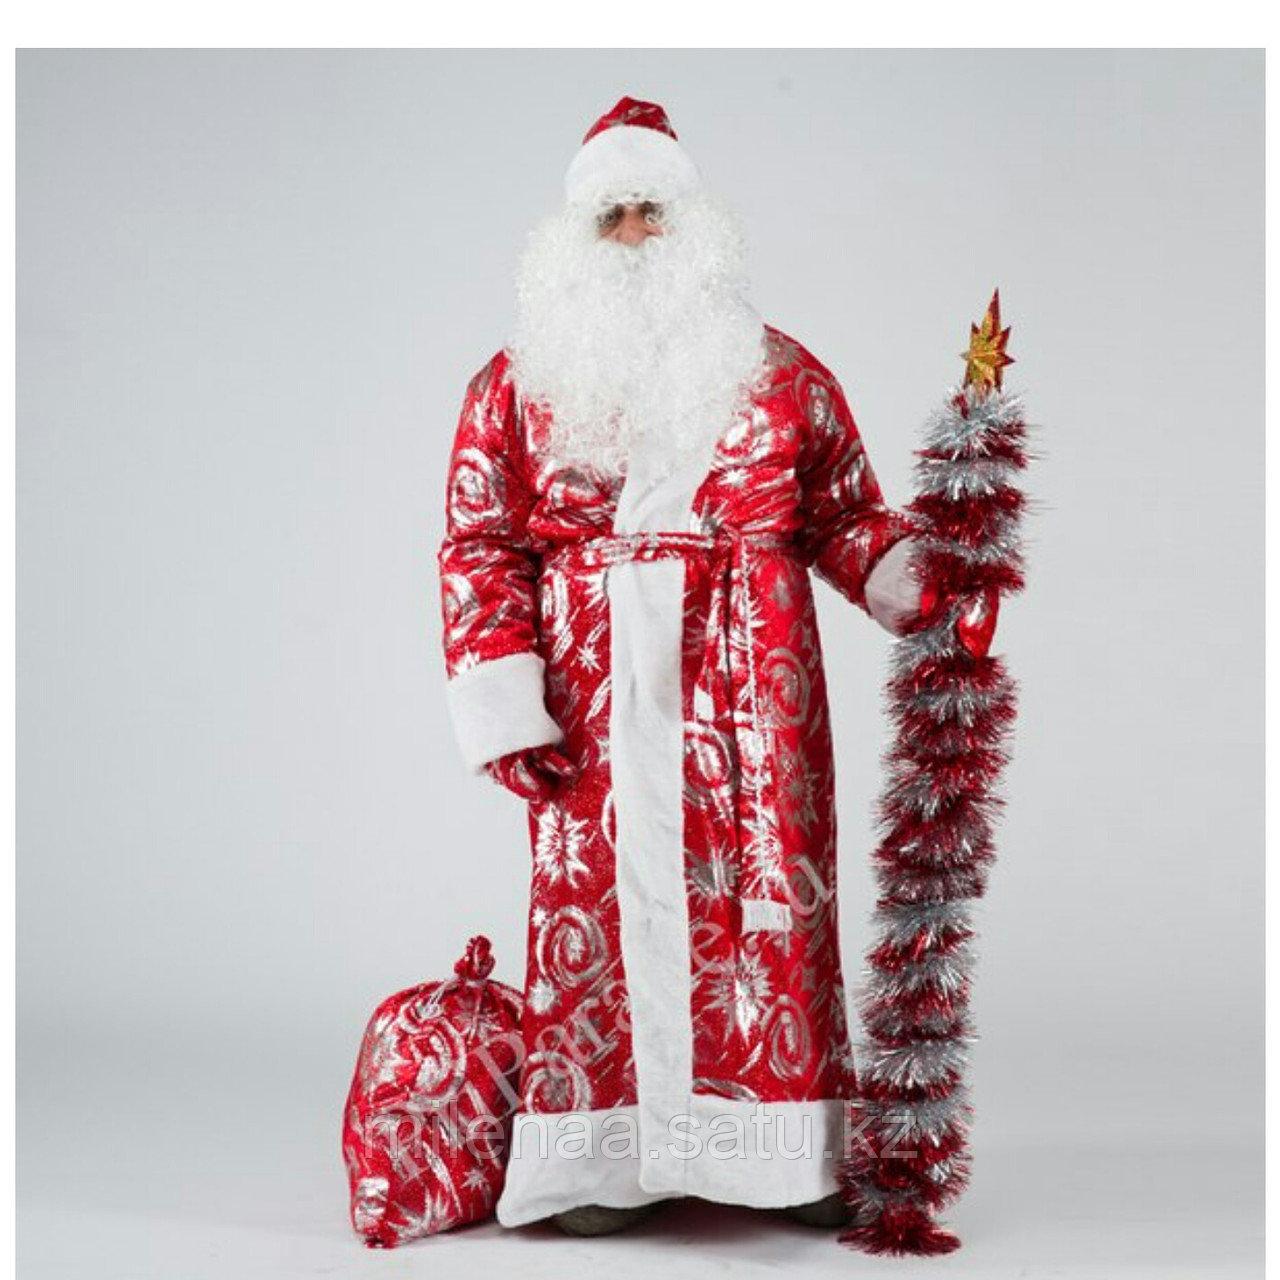 Костюм дед мороз в Астане купить. Бархатный костюм с красивым мехом